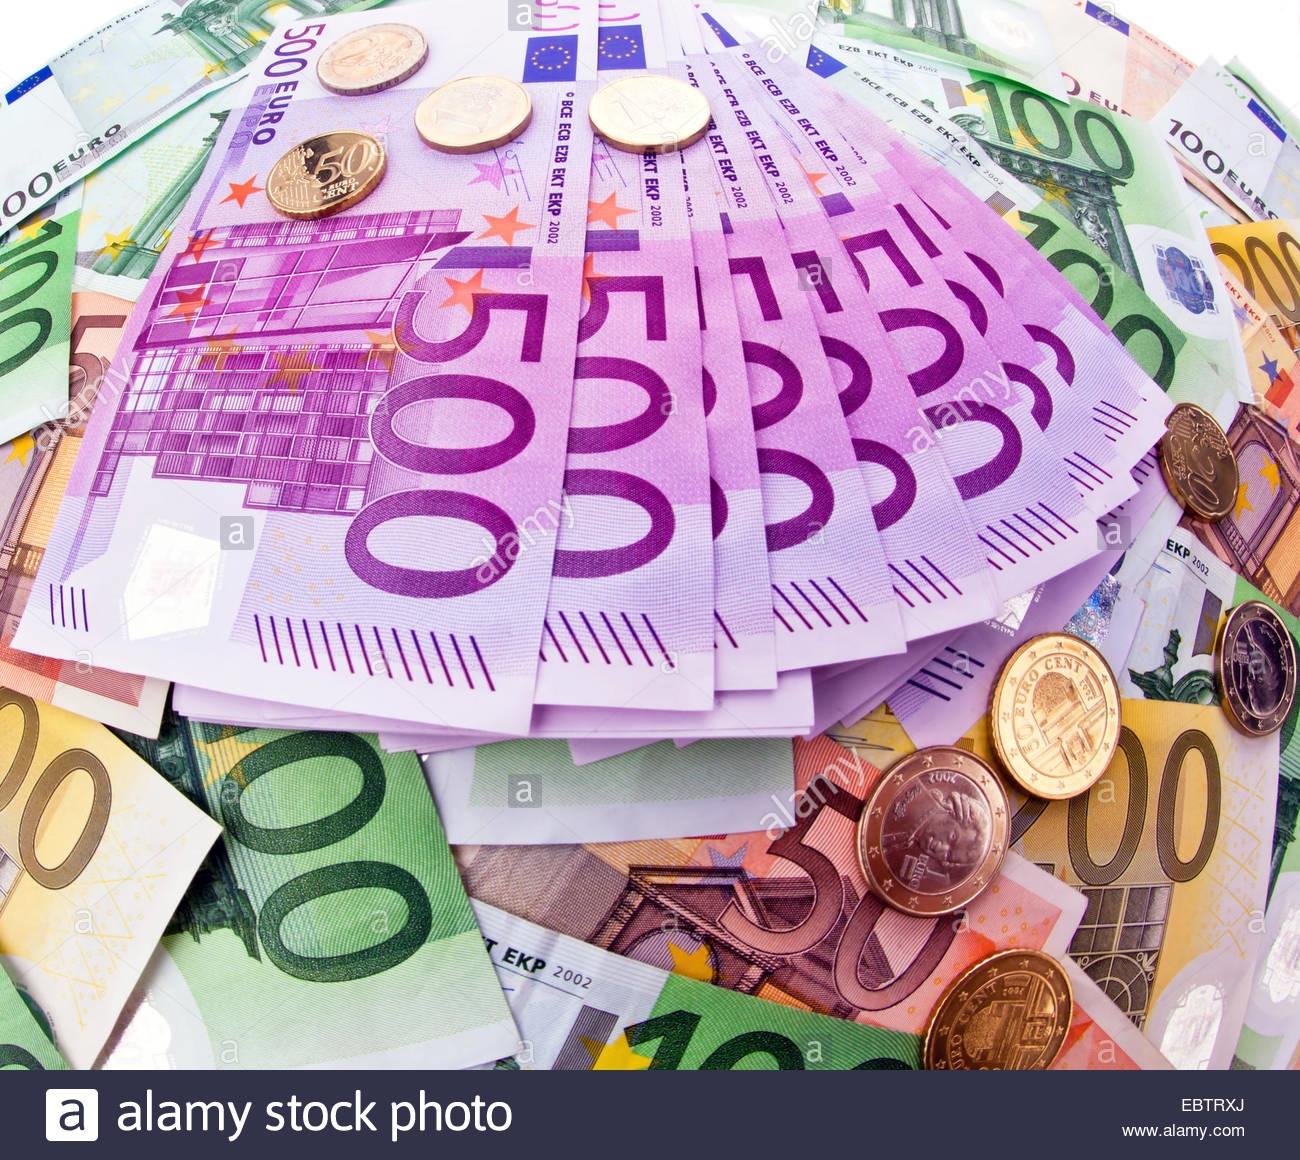 EUR 2520 Կասկետային Casino- ում ավանդ չկա